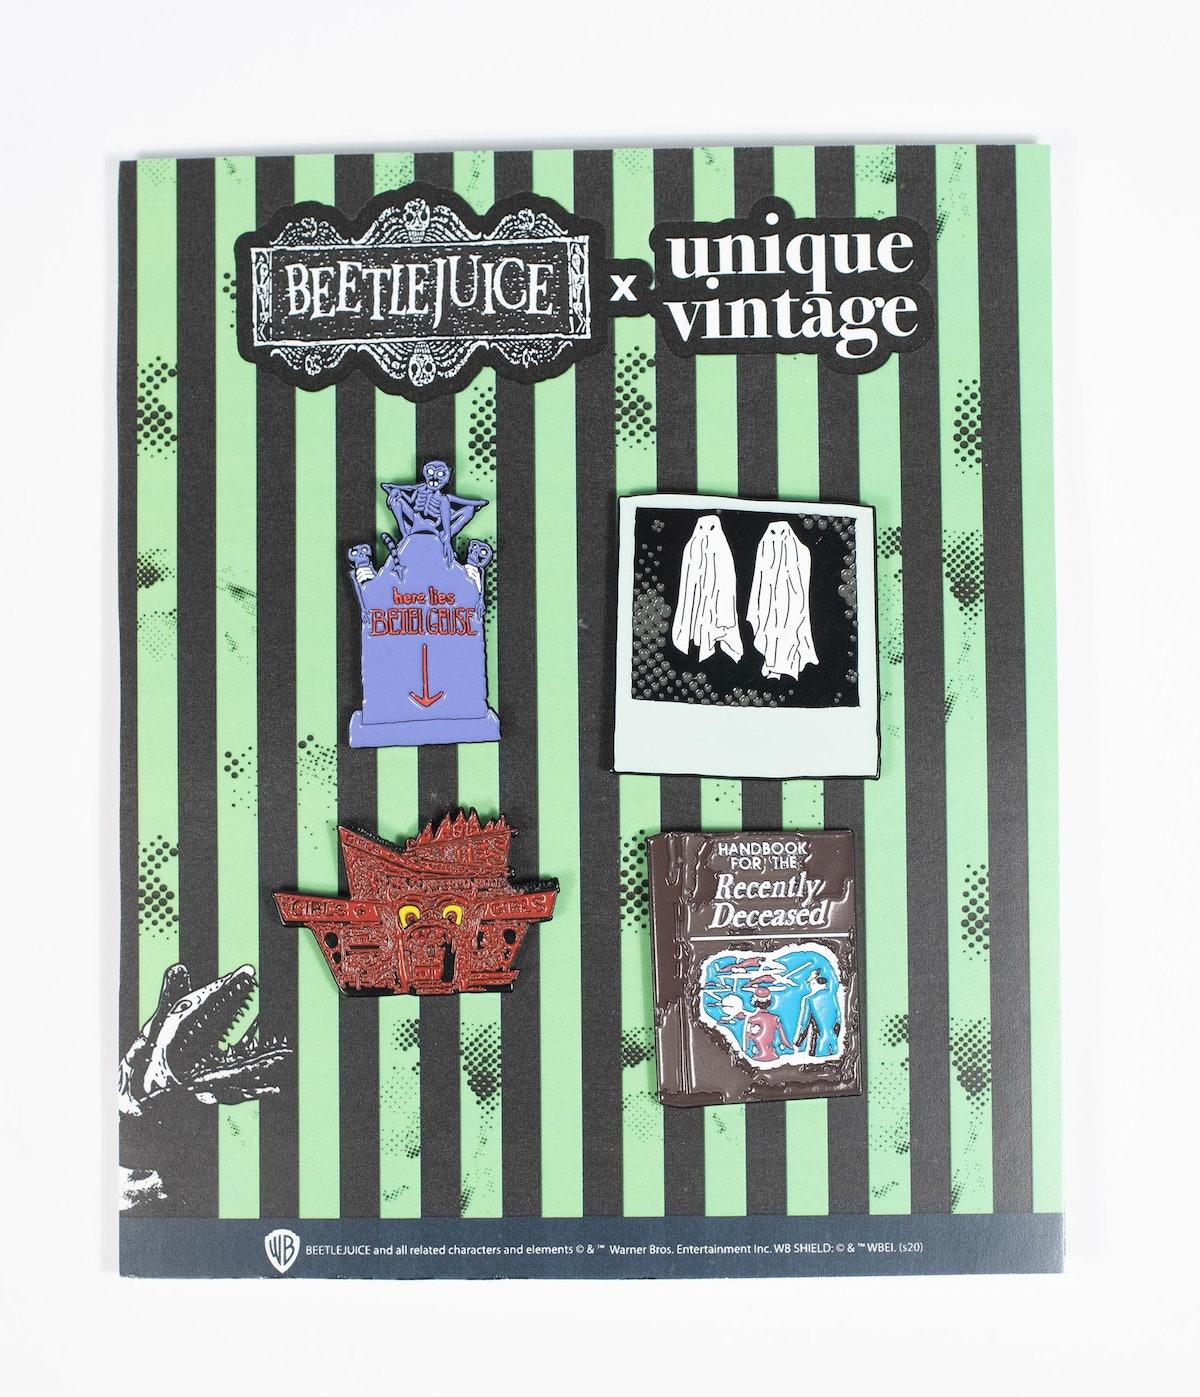 Beetlejuice x Unique Vintage Pin Set